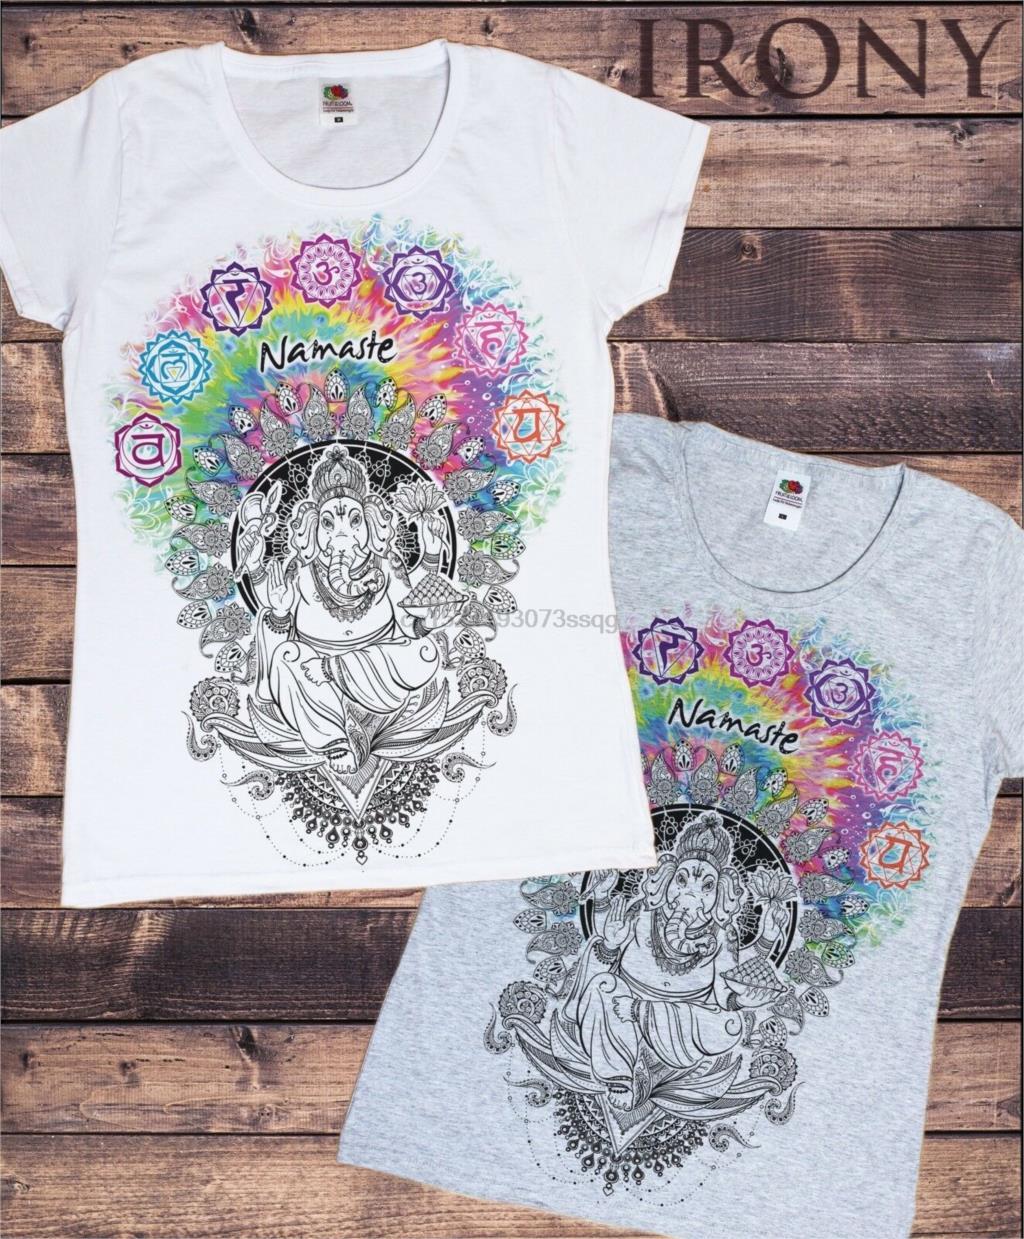 Женская белая футболка Ганеш Намасте ом АУМ Нефритовое пламя Будда медитация TS656|Футболки|   | АлиЭкспресс